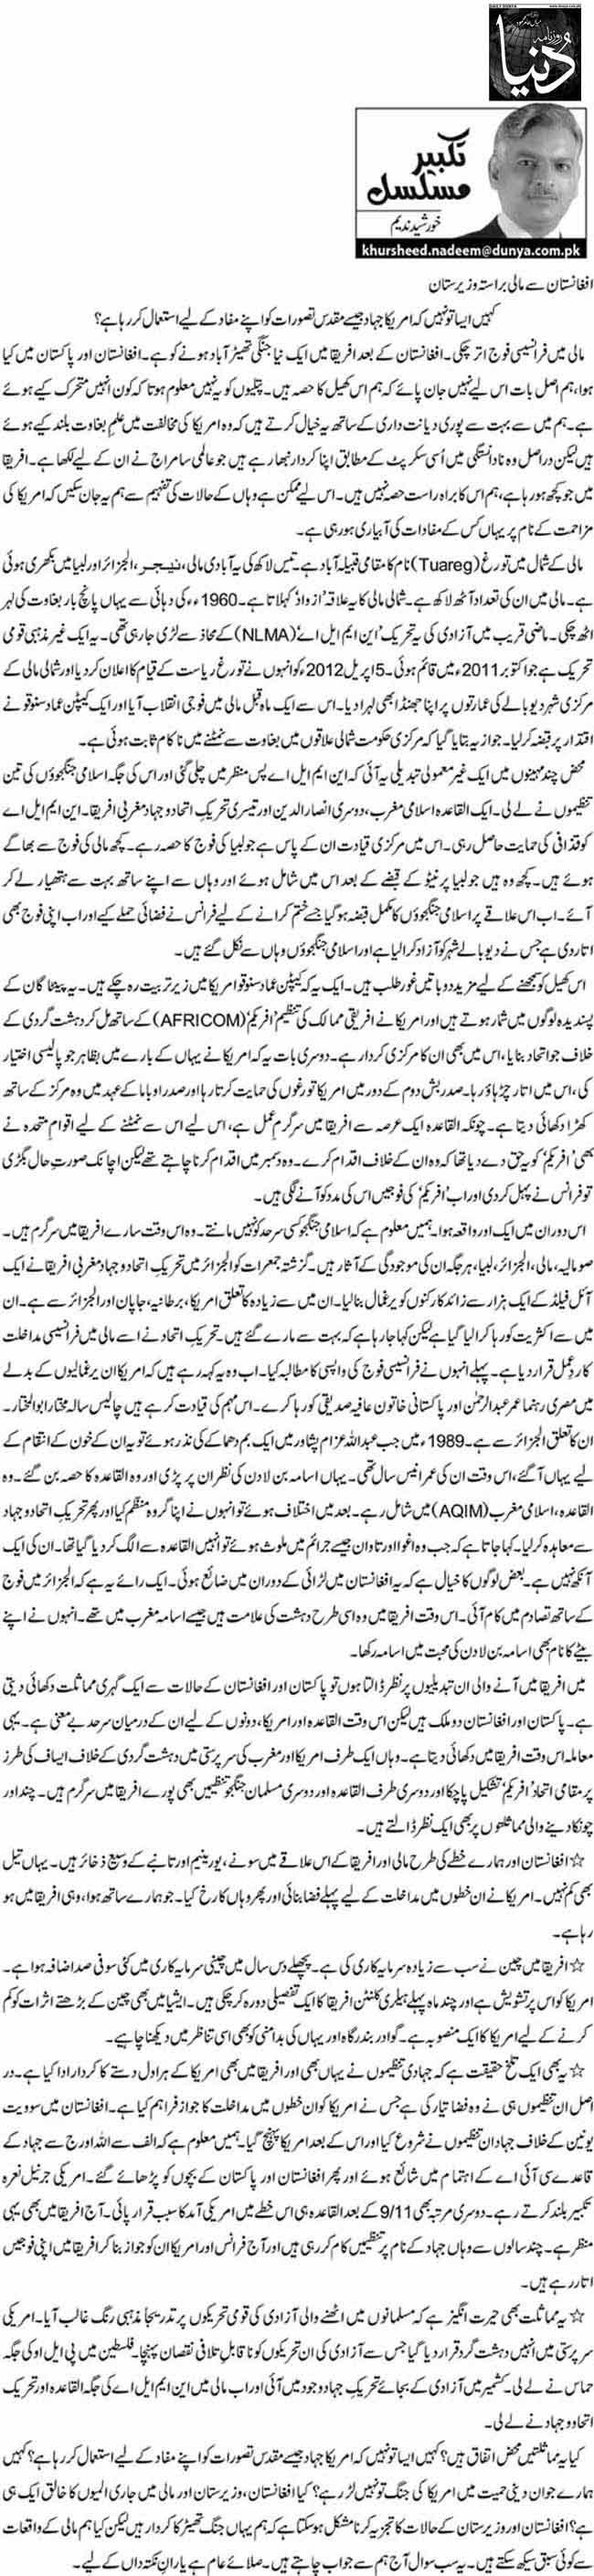 Afghanistan se maali barasta Waziristan - Khursheed Nadeem